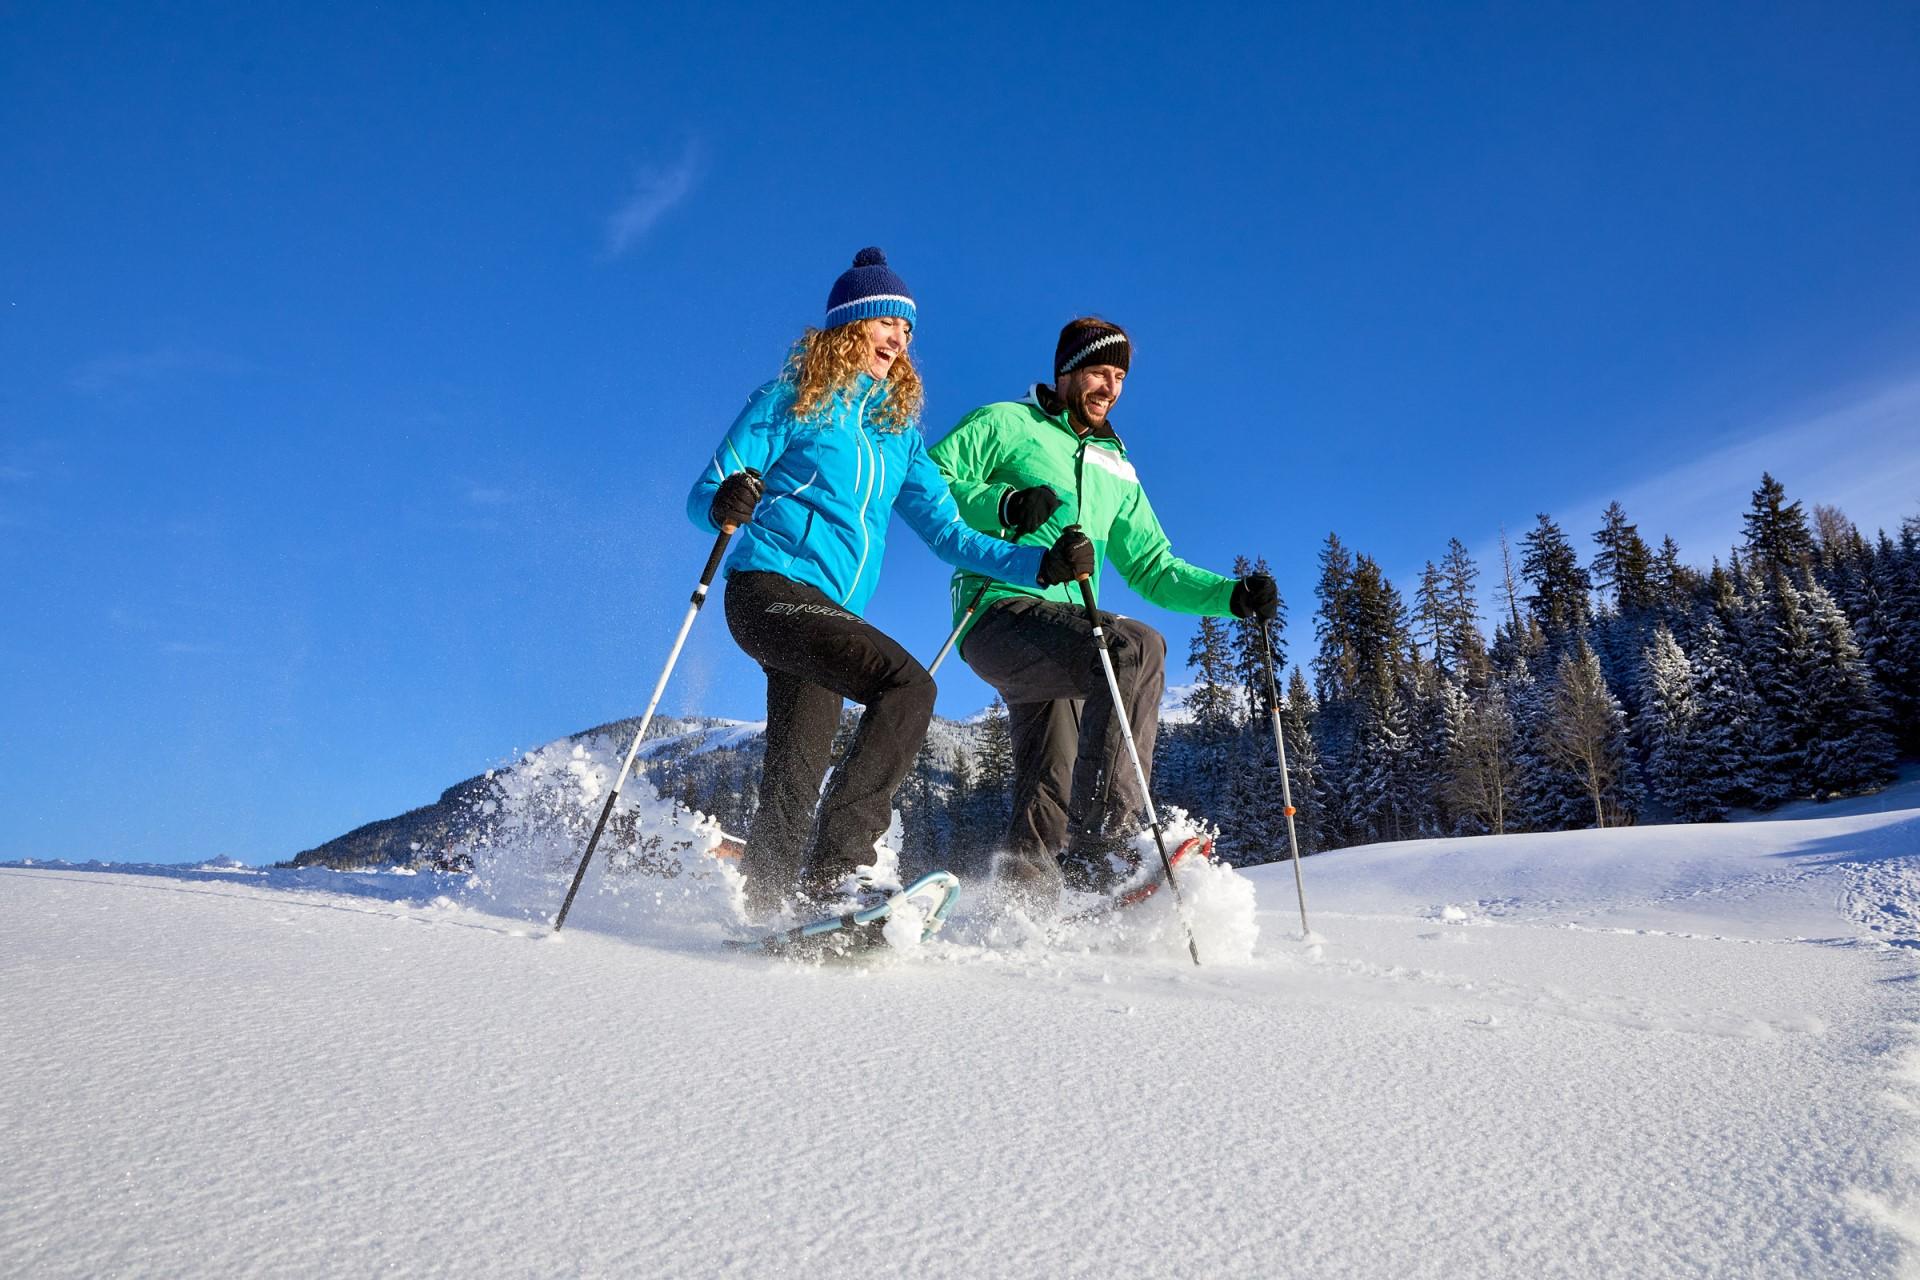 Schneeschuhwandern in der Ferienregion Nationalpark Hohe Tauern